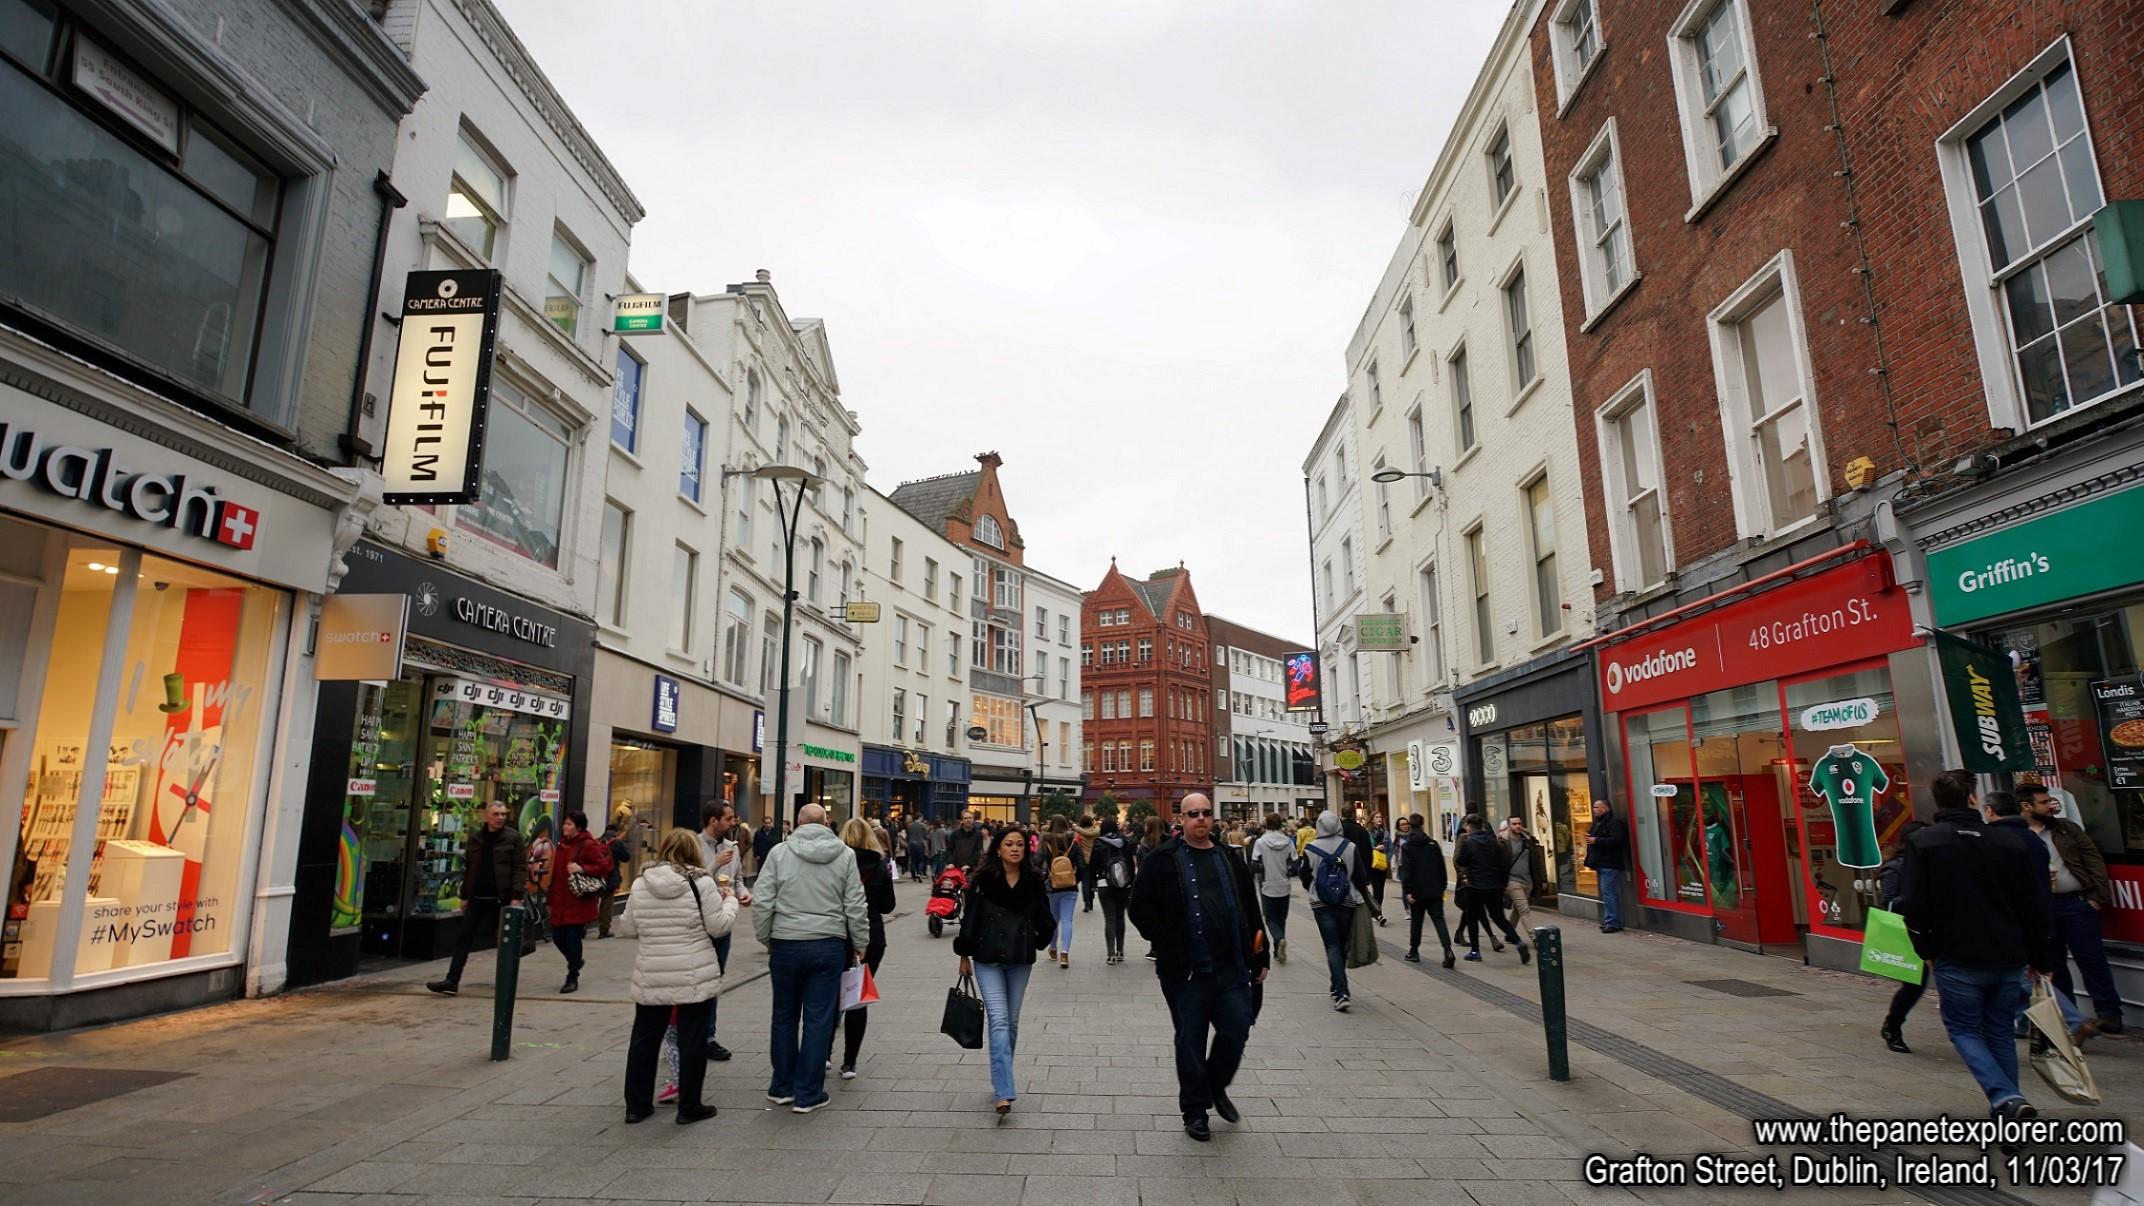 2017-03-11_1538_Ireland_Dublin_Grafton Street_DSC07337_s7R2_LR_@www